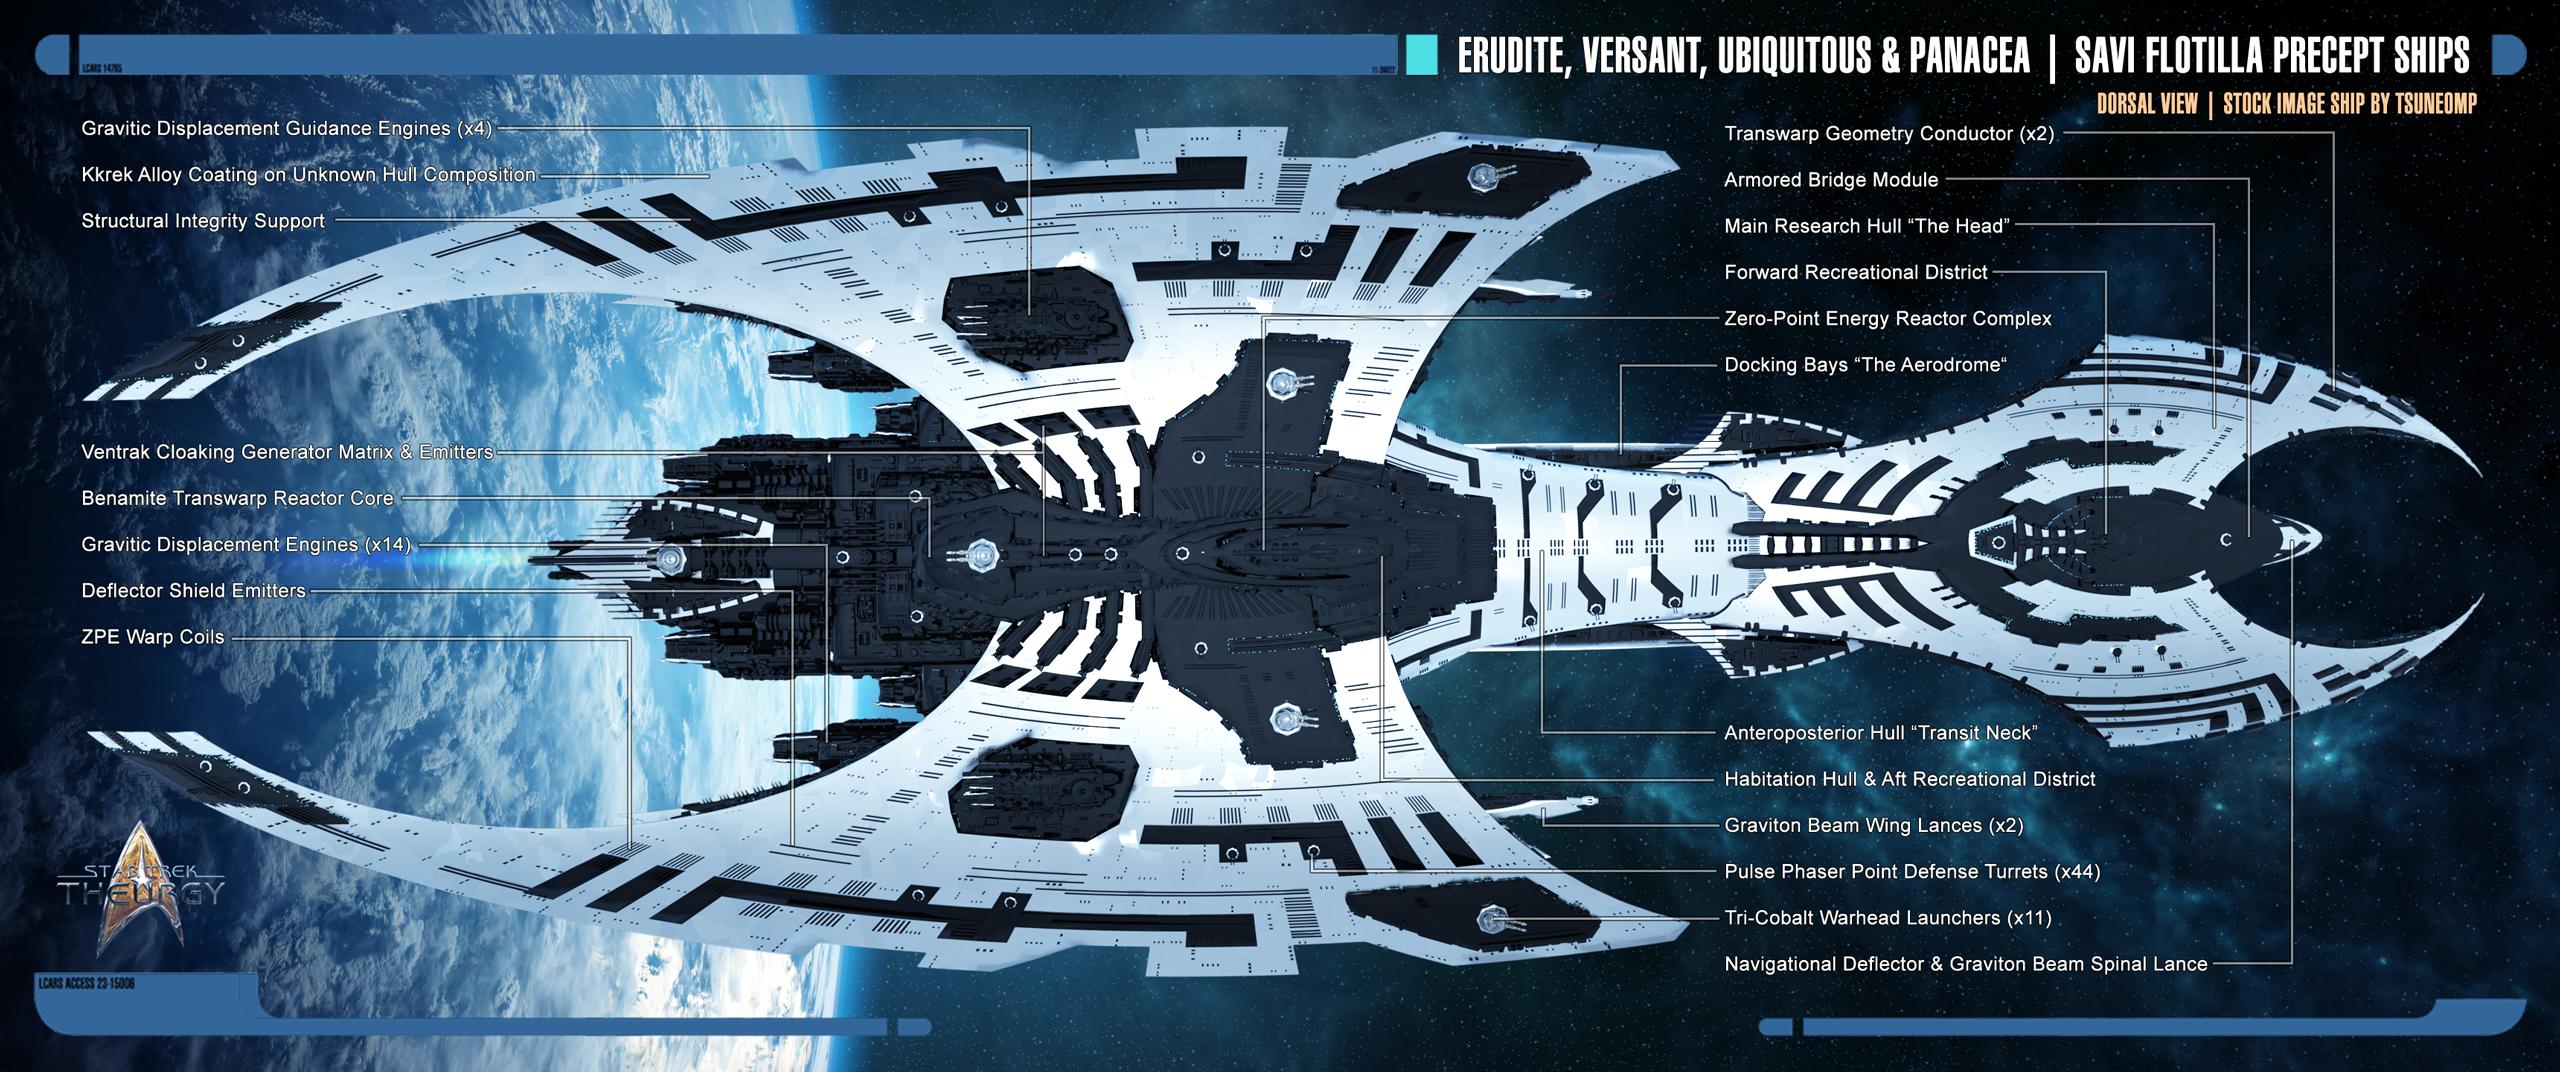 Filesheromi Dradnought Schematics Dorsal Star Trek Theurgy Wiki Engineering